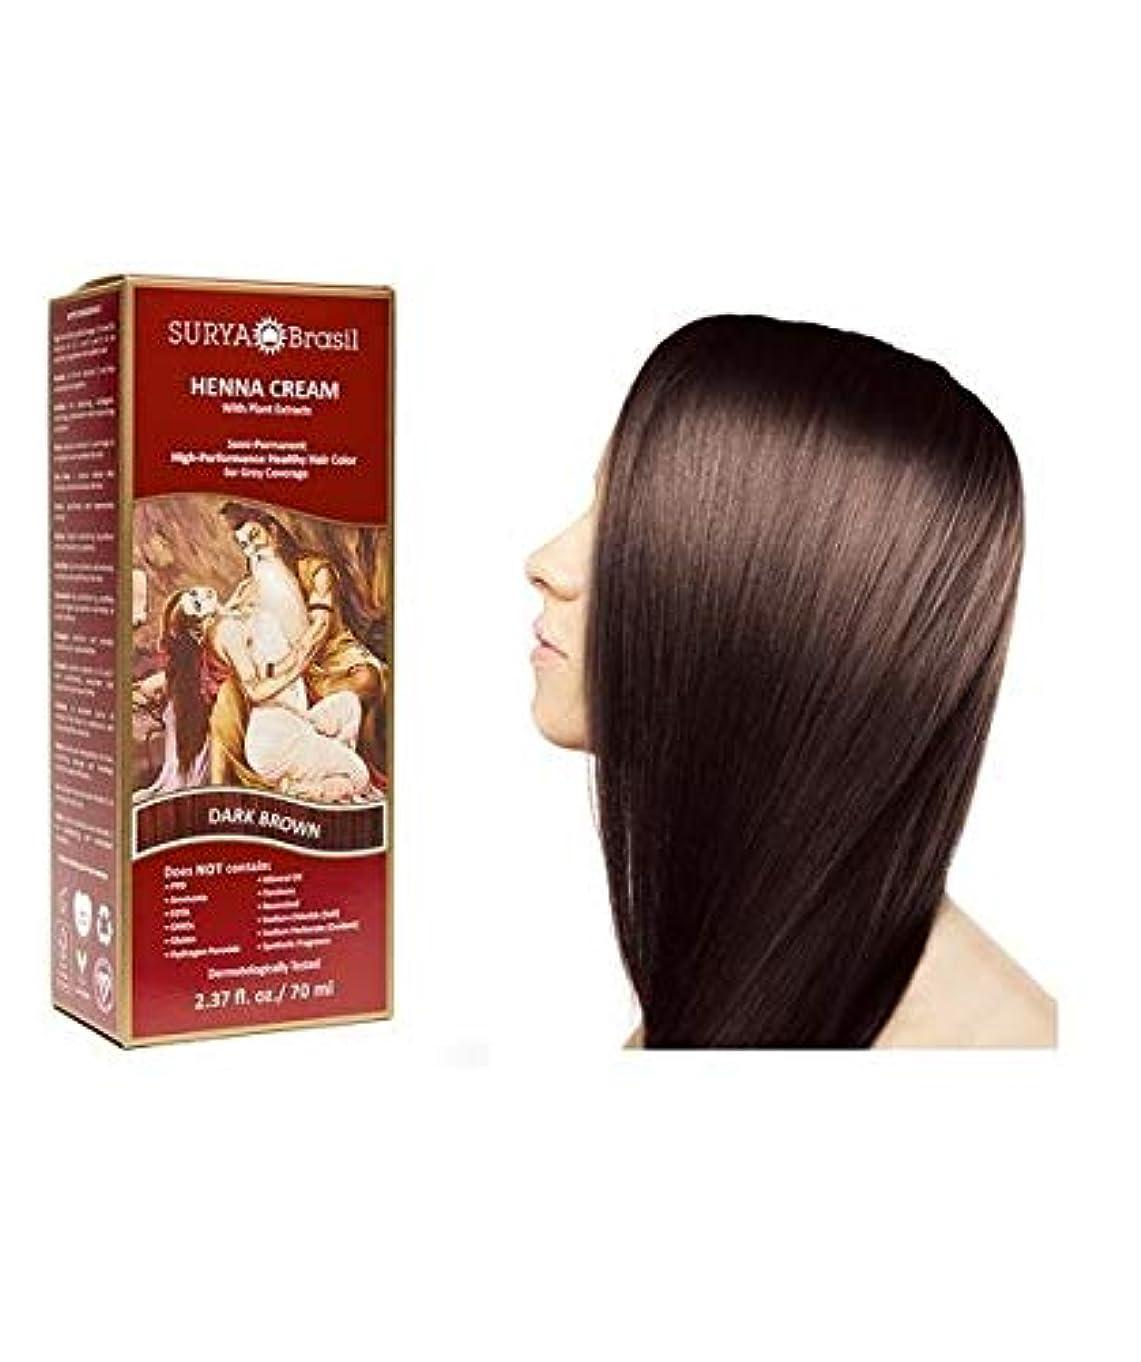 混乱機関不満Surya Henna Henna Cream High-Performance Healthy Hair Color for Grey Coverage Dark Brown 2 37 fl oz 70 ml